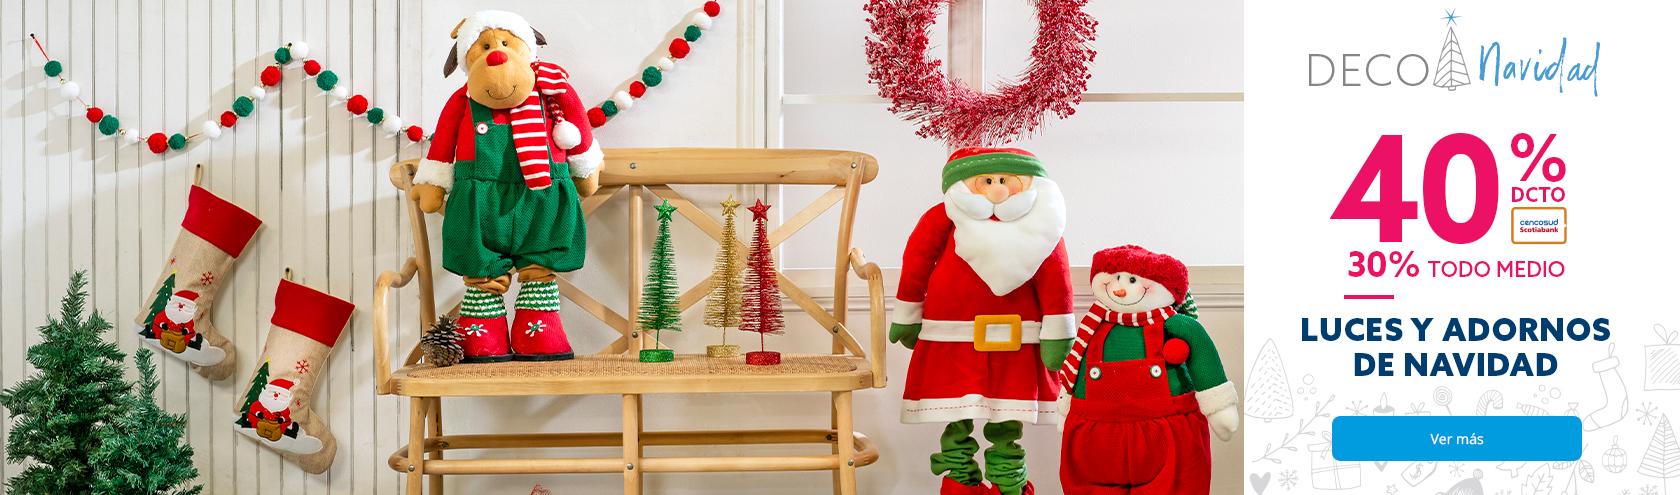 40% con Tarjeta Cencosud y 30% con Todo medio pago en Luces y adornos de Navidad